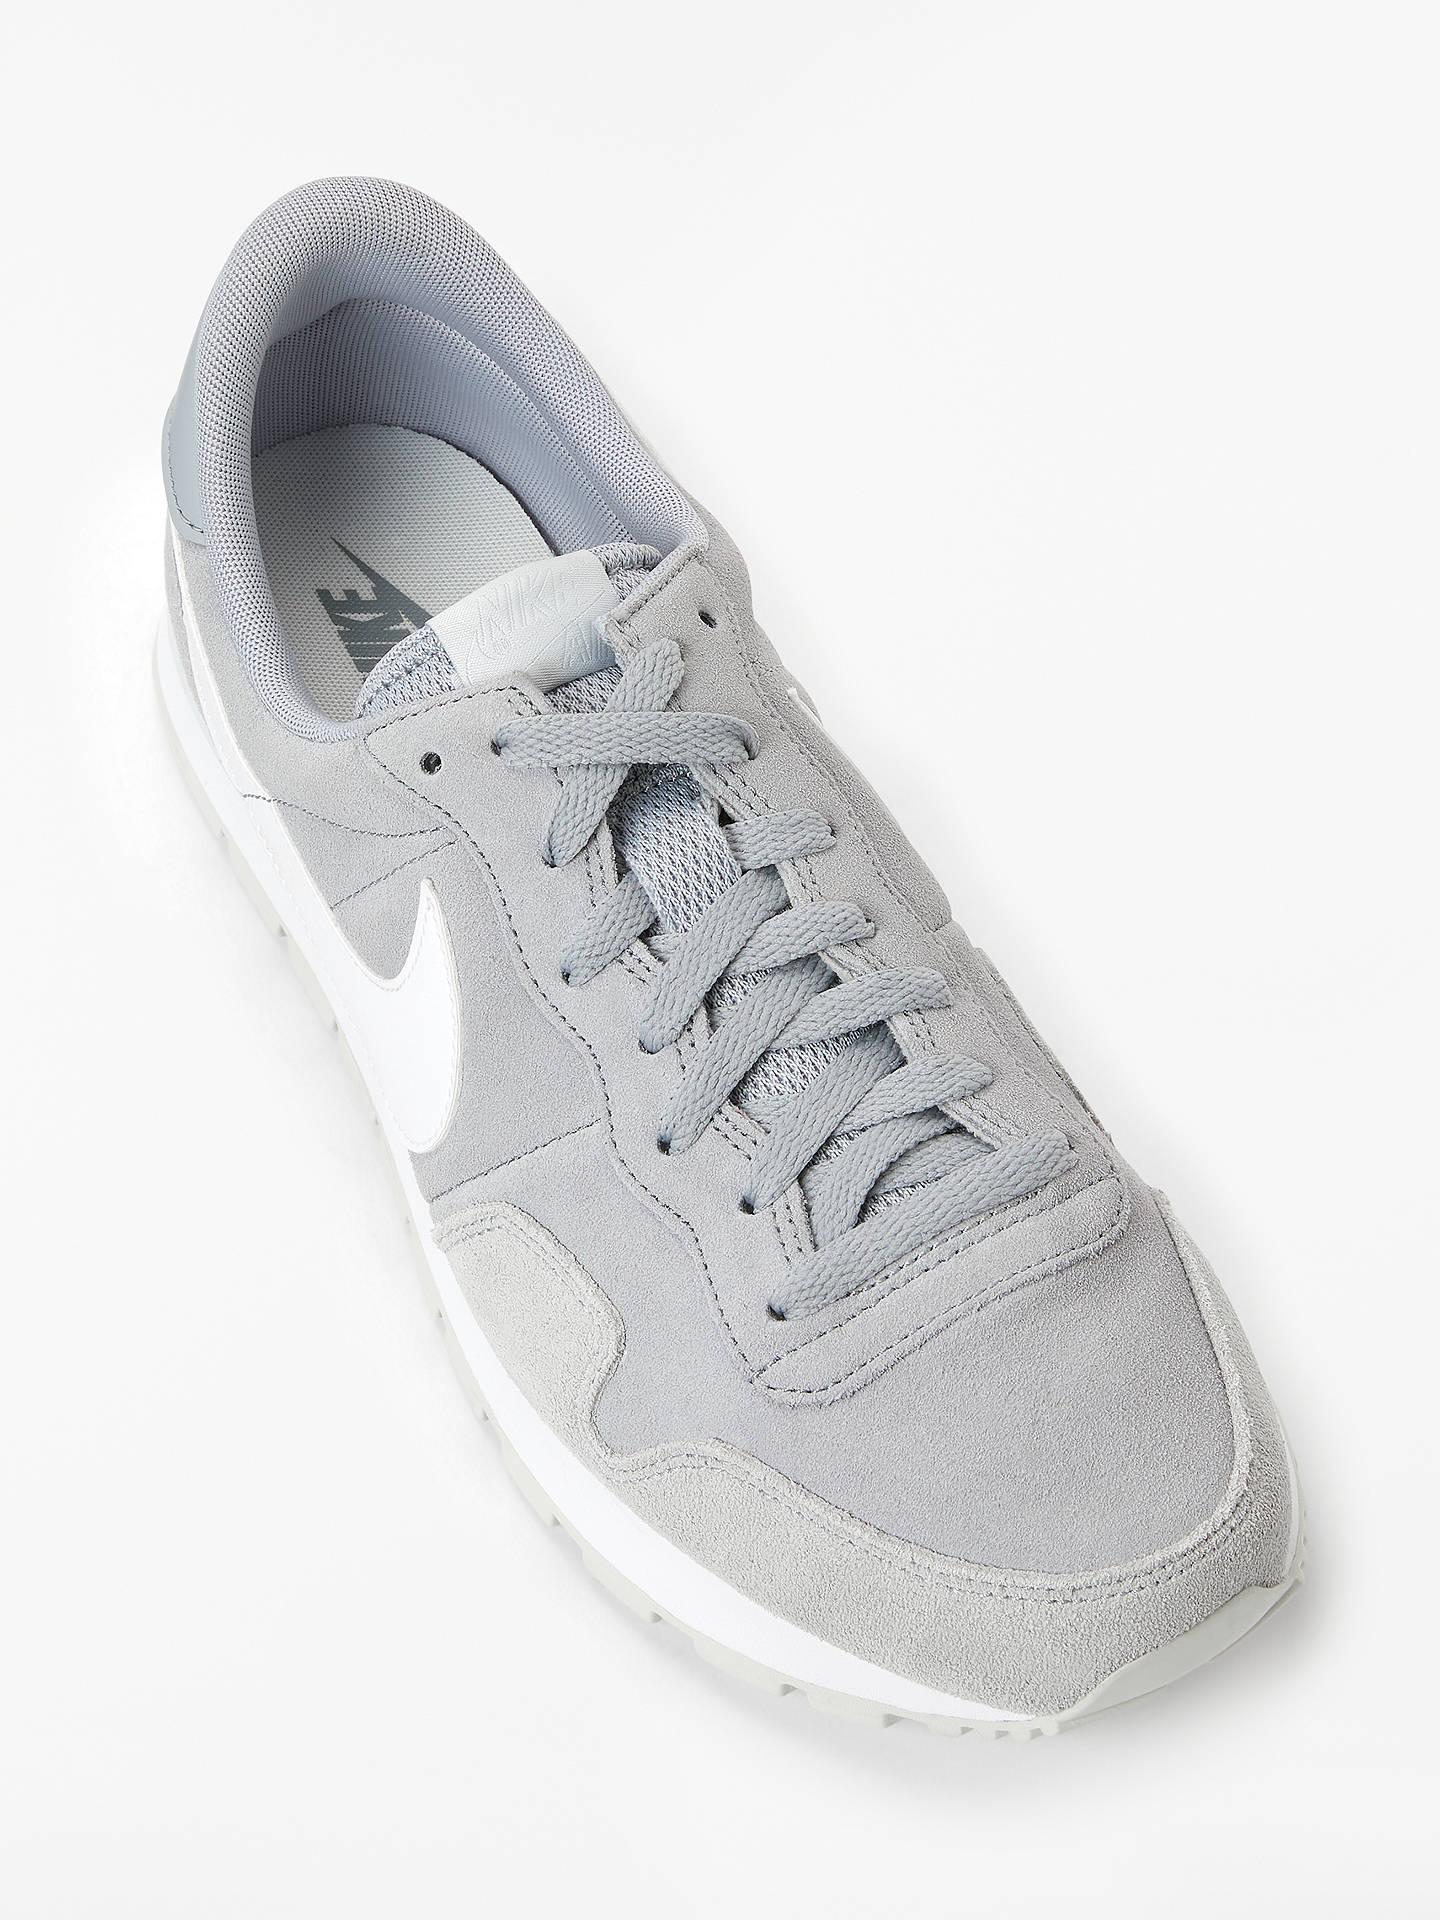 Nike Air Pegasus 83 Men's Trainers at